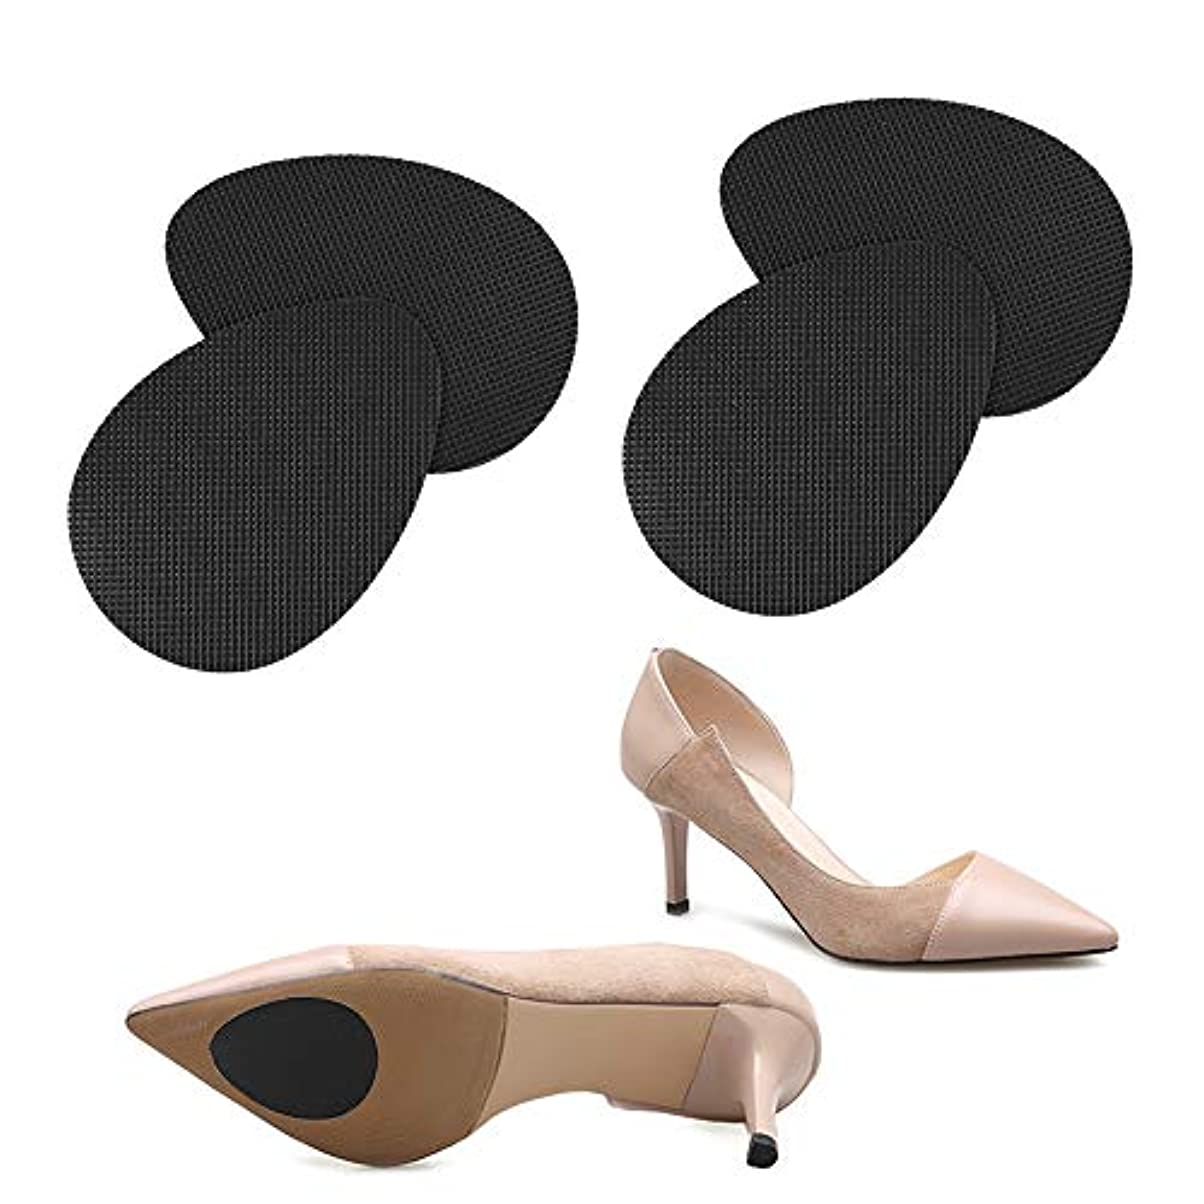 つま先実行する相談靴 滑り止め ステッカー,LINECY 【スリップガード】靴保護 シート つま先&かかと 靴底補修 滑り止め (2足4枚いり)